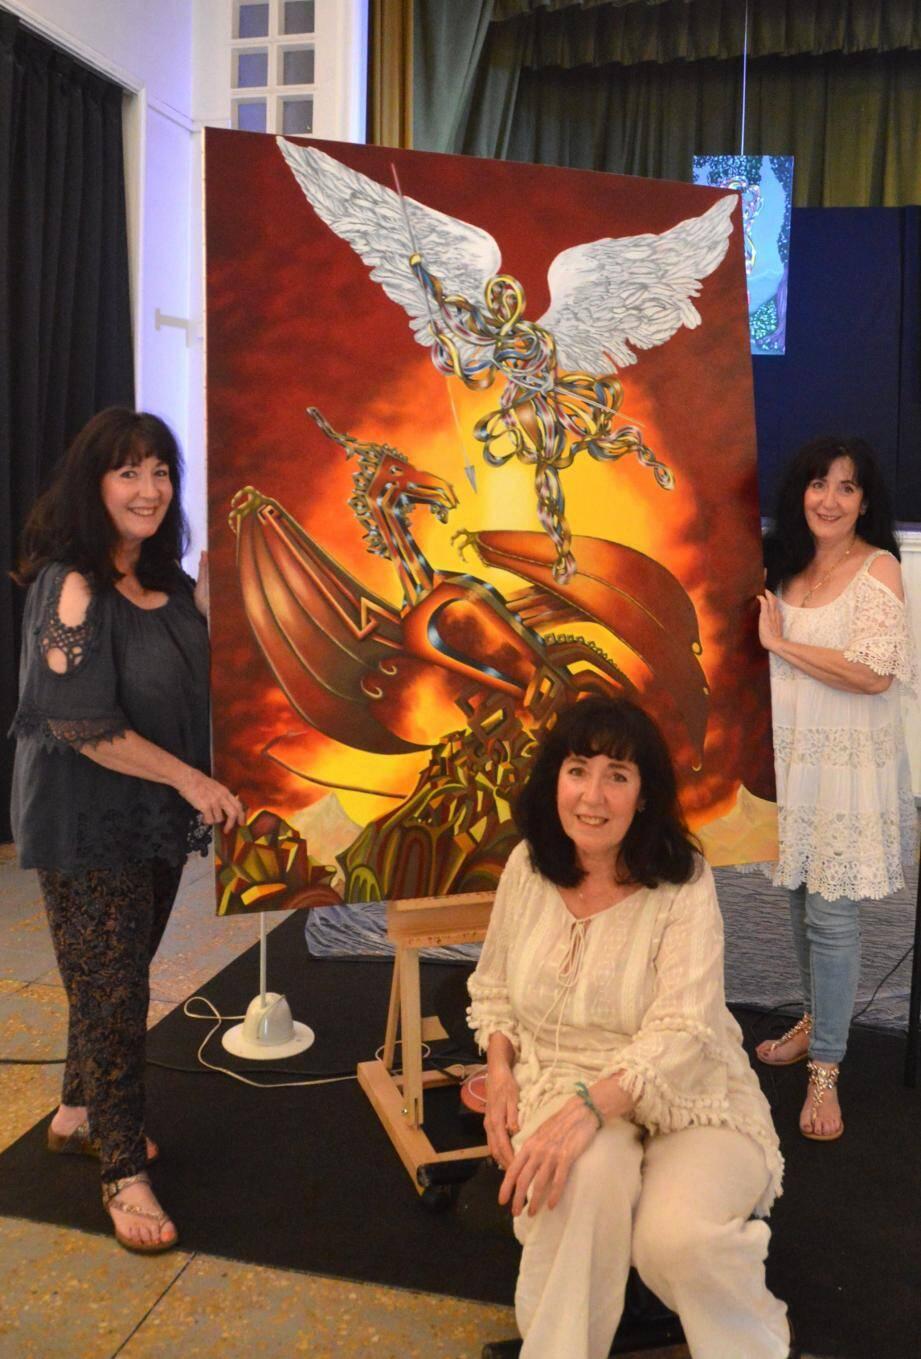 Lors de l'exposition qui se tient jusqu'au 28 juillet, elles peignent ensemble leur tableau en cours devant le public mercredi et samedi de 16 h à 21 h.